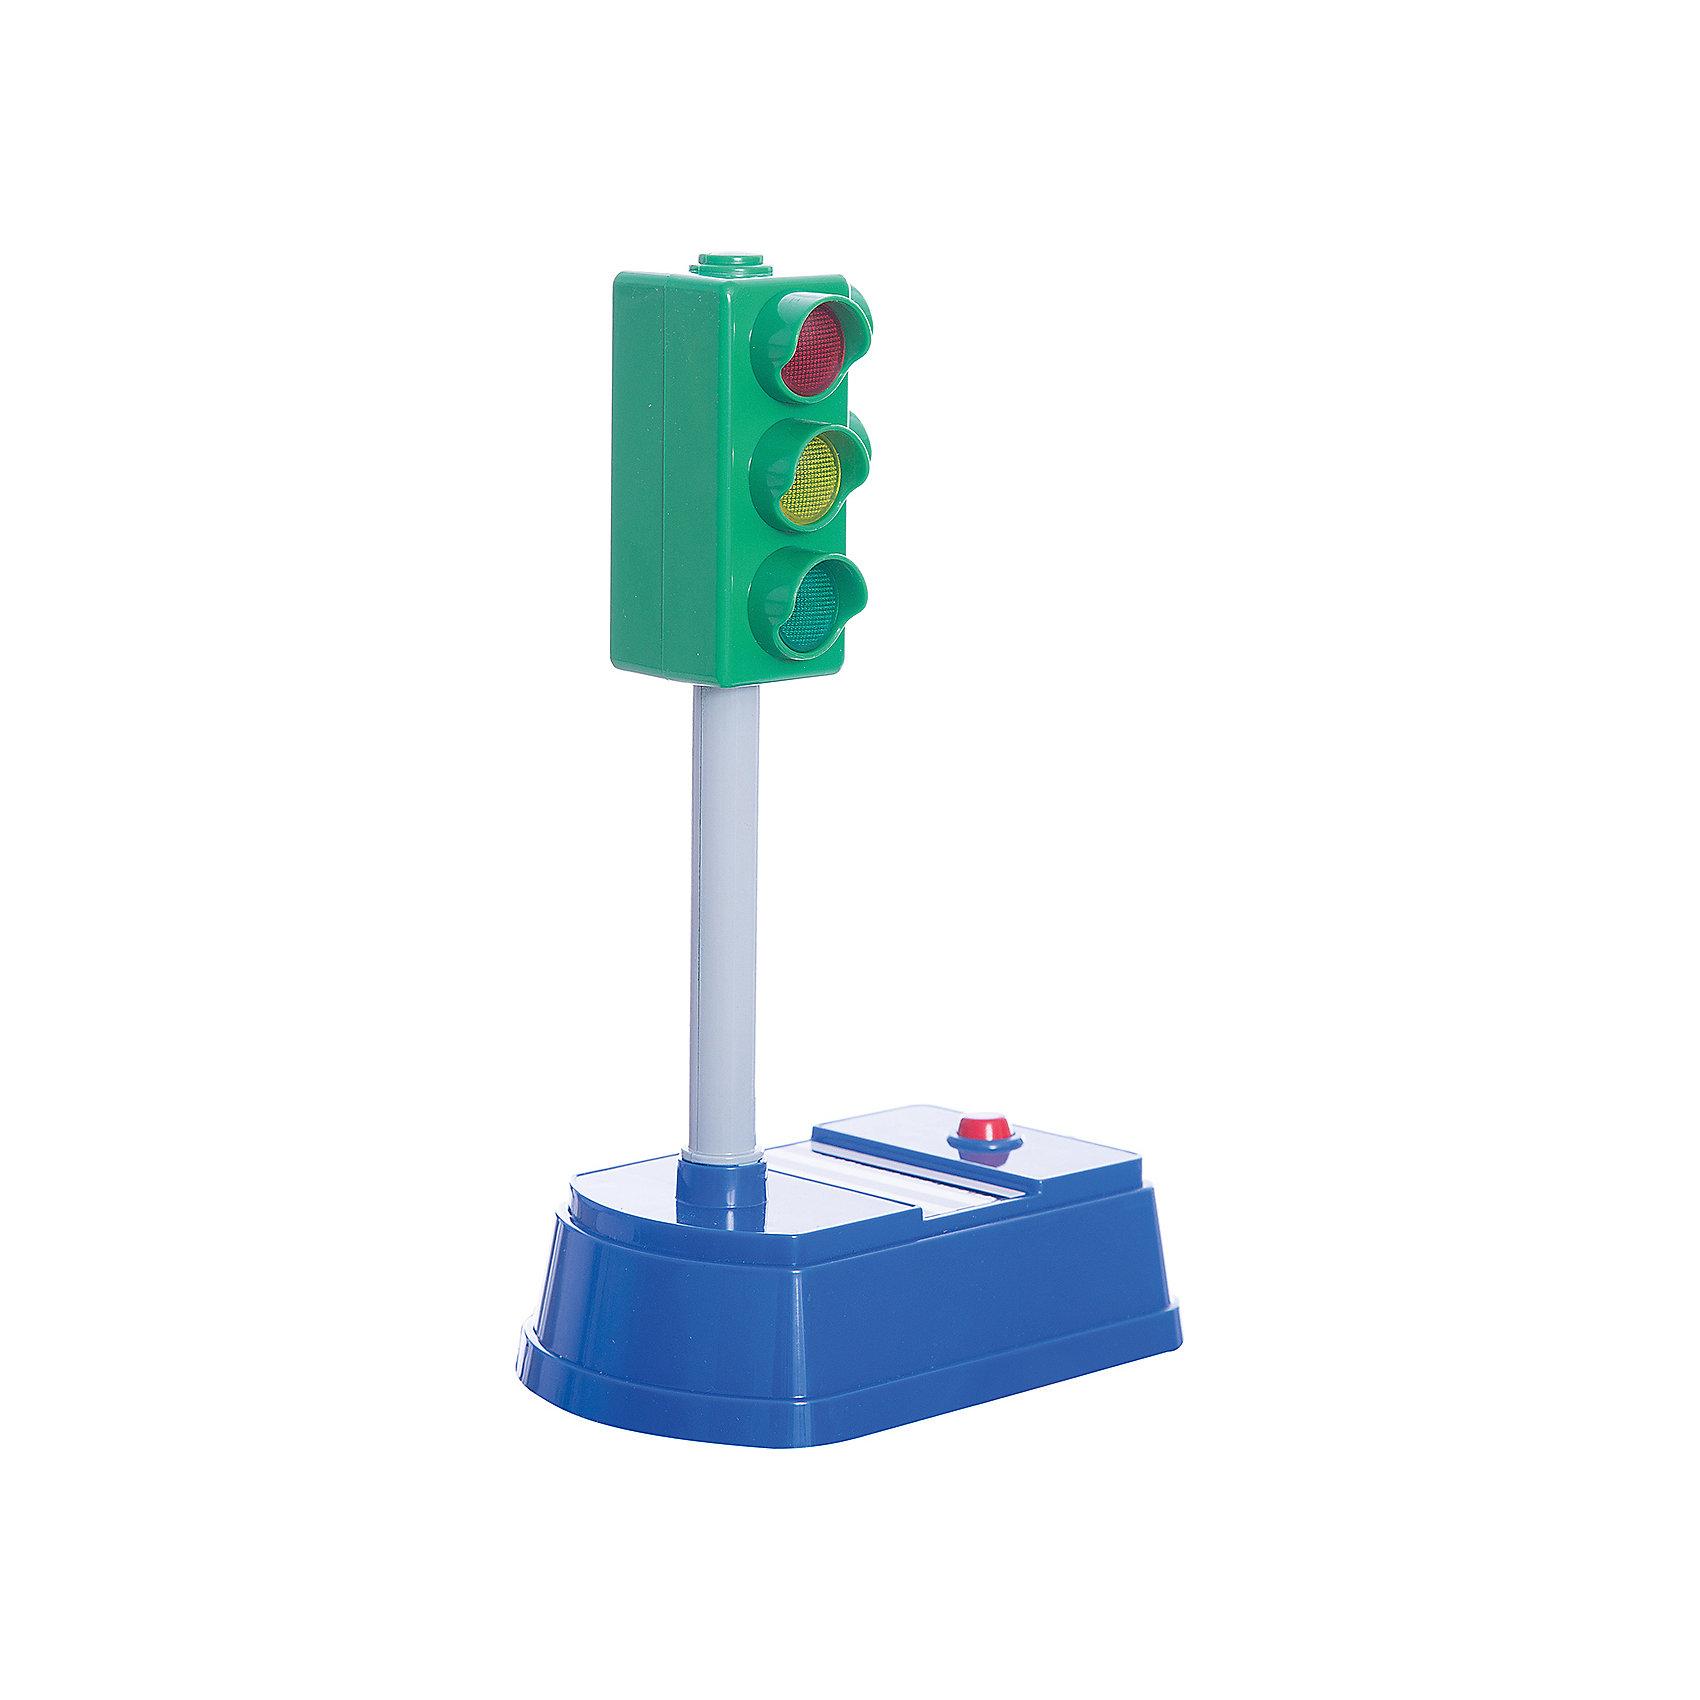 Светофор, 21см большой, свет+звук, ТЕХНОПАРККоврики и дорожные знаки<br>Светофор, 21см большой, свет+звук, ТЕХНОПАРК<br><br>Характеристики:<br><br>• Высота: 21 см<br>• Цвет: серый, синий, зеленый<br>• Возраст: от 3 лет<br>• Работает от батареек<br><br>Данная игрушка помогает ребенку узнать о правилах дорожного движения, закрепить цвета на светофоре и разобраться в системе кому и где загорается сигнал. Игрушка двусторонняя: с одной стороны - светофор для автомобилей, с другой - для пешеходов. Кнопка на панели переключает цвета, а система озвучивает цвет. Это помогает малышу в игровой форме выучить важное правило.<br><br>Светофор, 21см большой, свет+звук, ТЕХНОПАРК можно купить в нашем интернет-магазине.<br><br>Ширина мм: 150<br>Глубина мм: 260<br>Высота мм: 100<br>Вес г: 360<br>Возраст от месяцев: 36<br>Возраст до месяцев: 120<br>Пол: Мужской<br>Возраст: Детский<br>SKU: 4763408